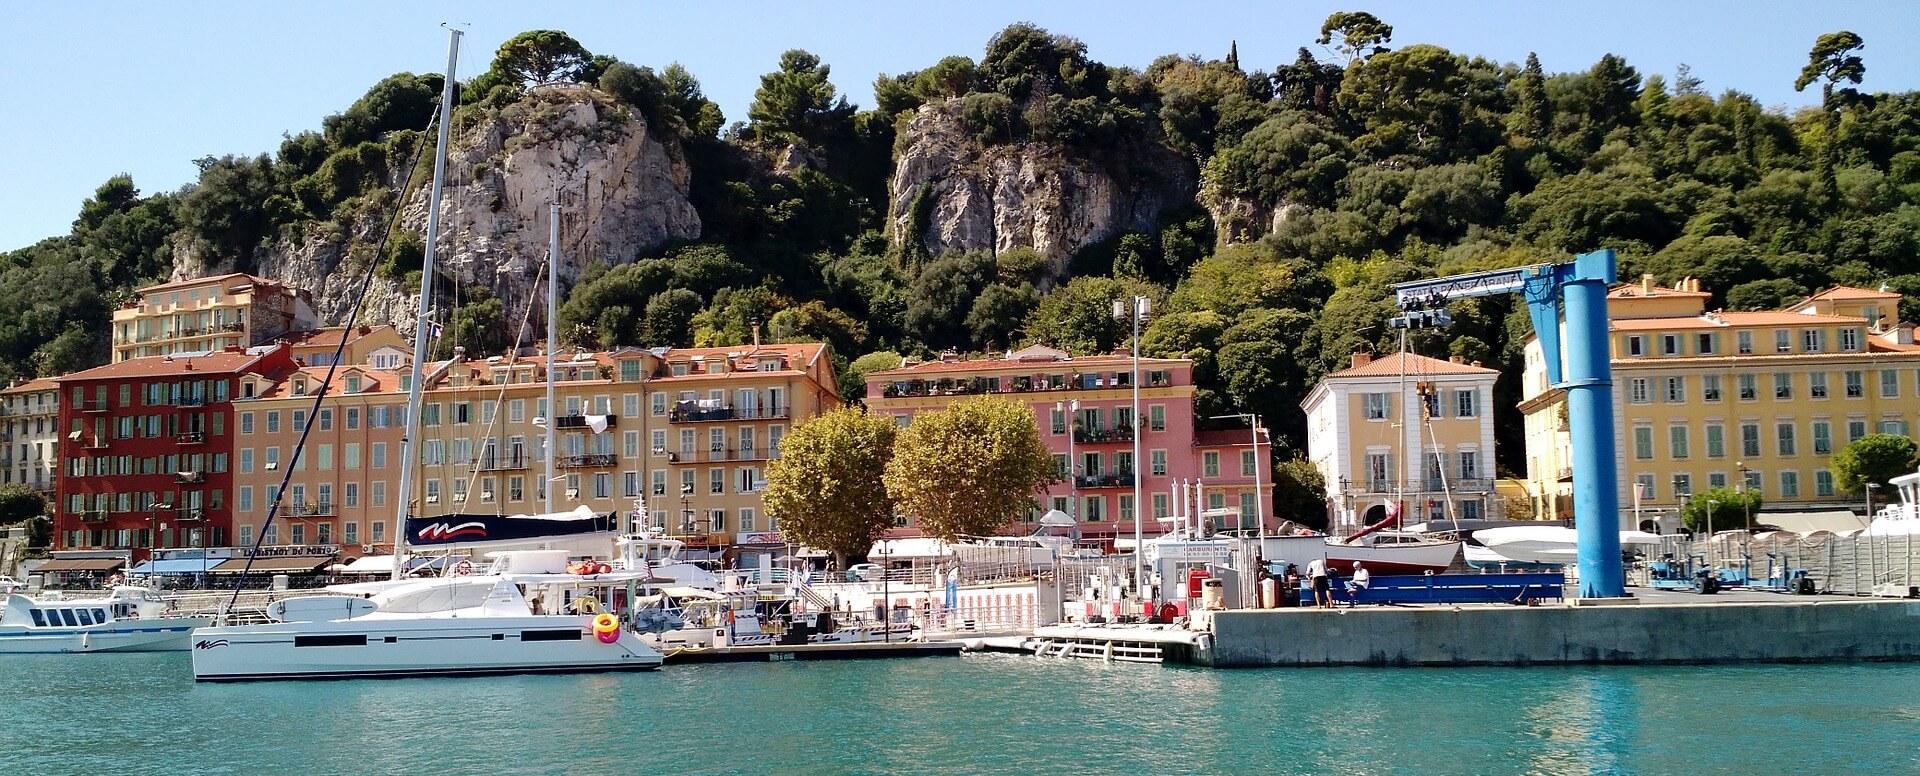 10 choses à faire pendant son séjour en Corse - Corse